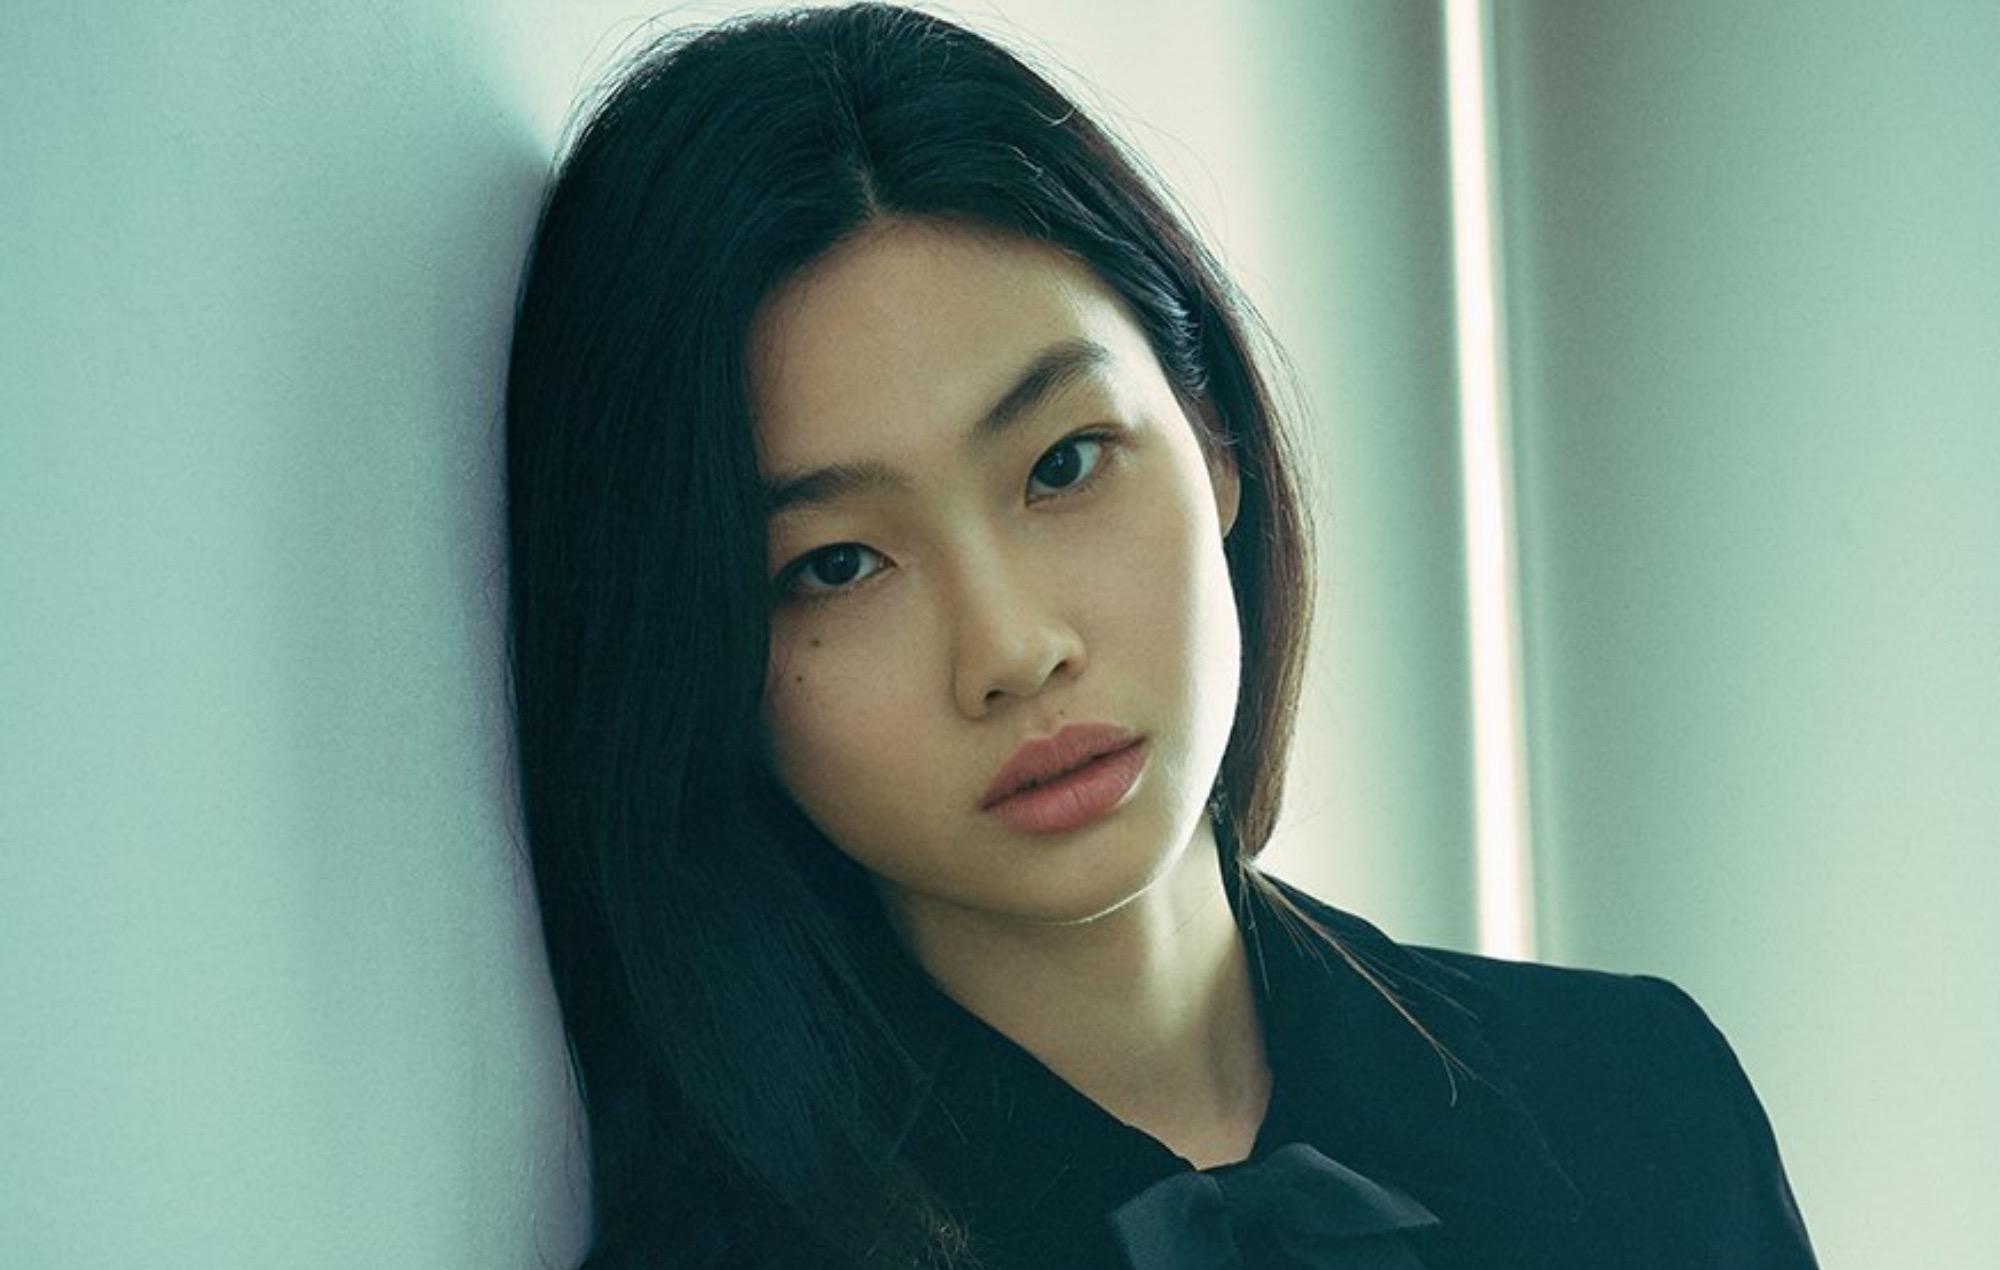 Το 27χρονο μοντέλο Jung Ho-yeon που κατέπληξε το κοινό στη δημοφιλή σειρά Squid Game. Photo Credits: Netflix